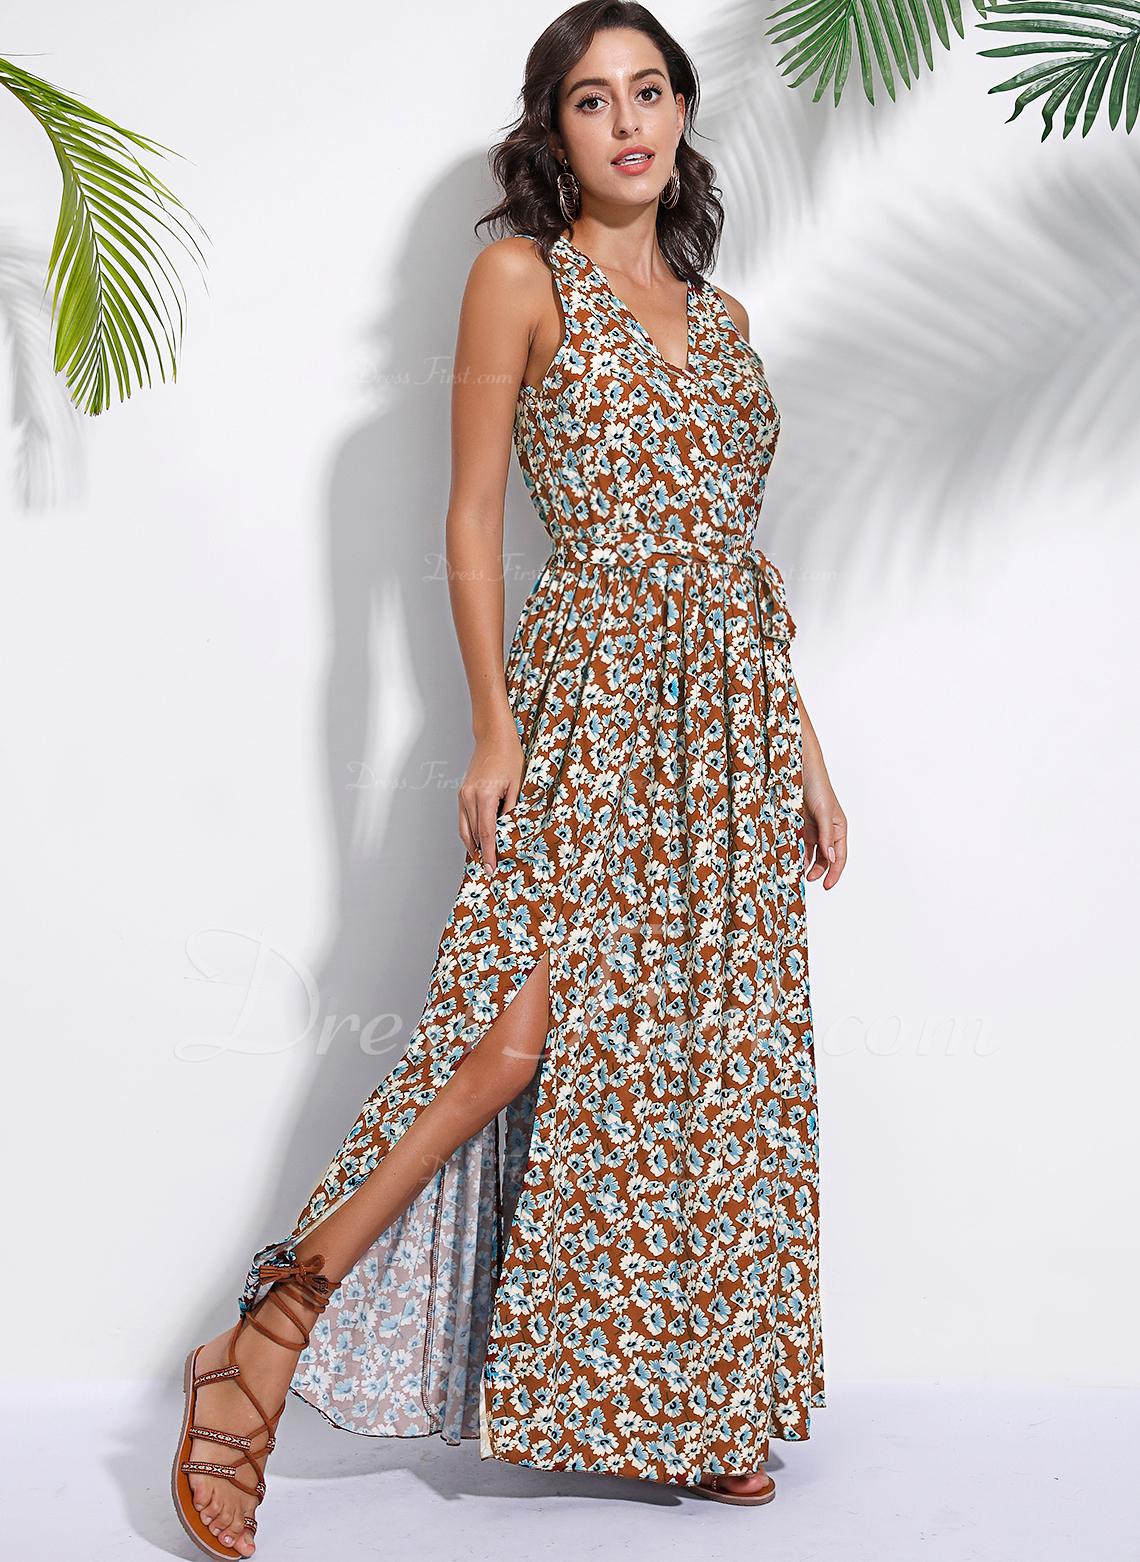 Floral Impresión Vestido línea A Sin mangas Maxi Casual Vacaciones Vestidos de moda